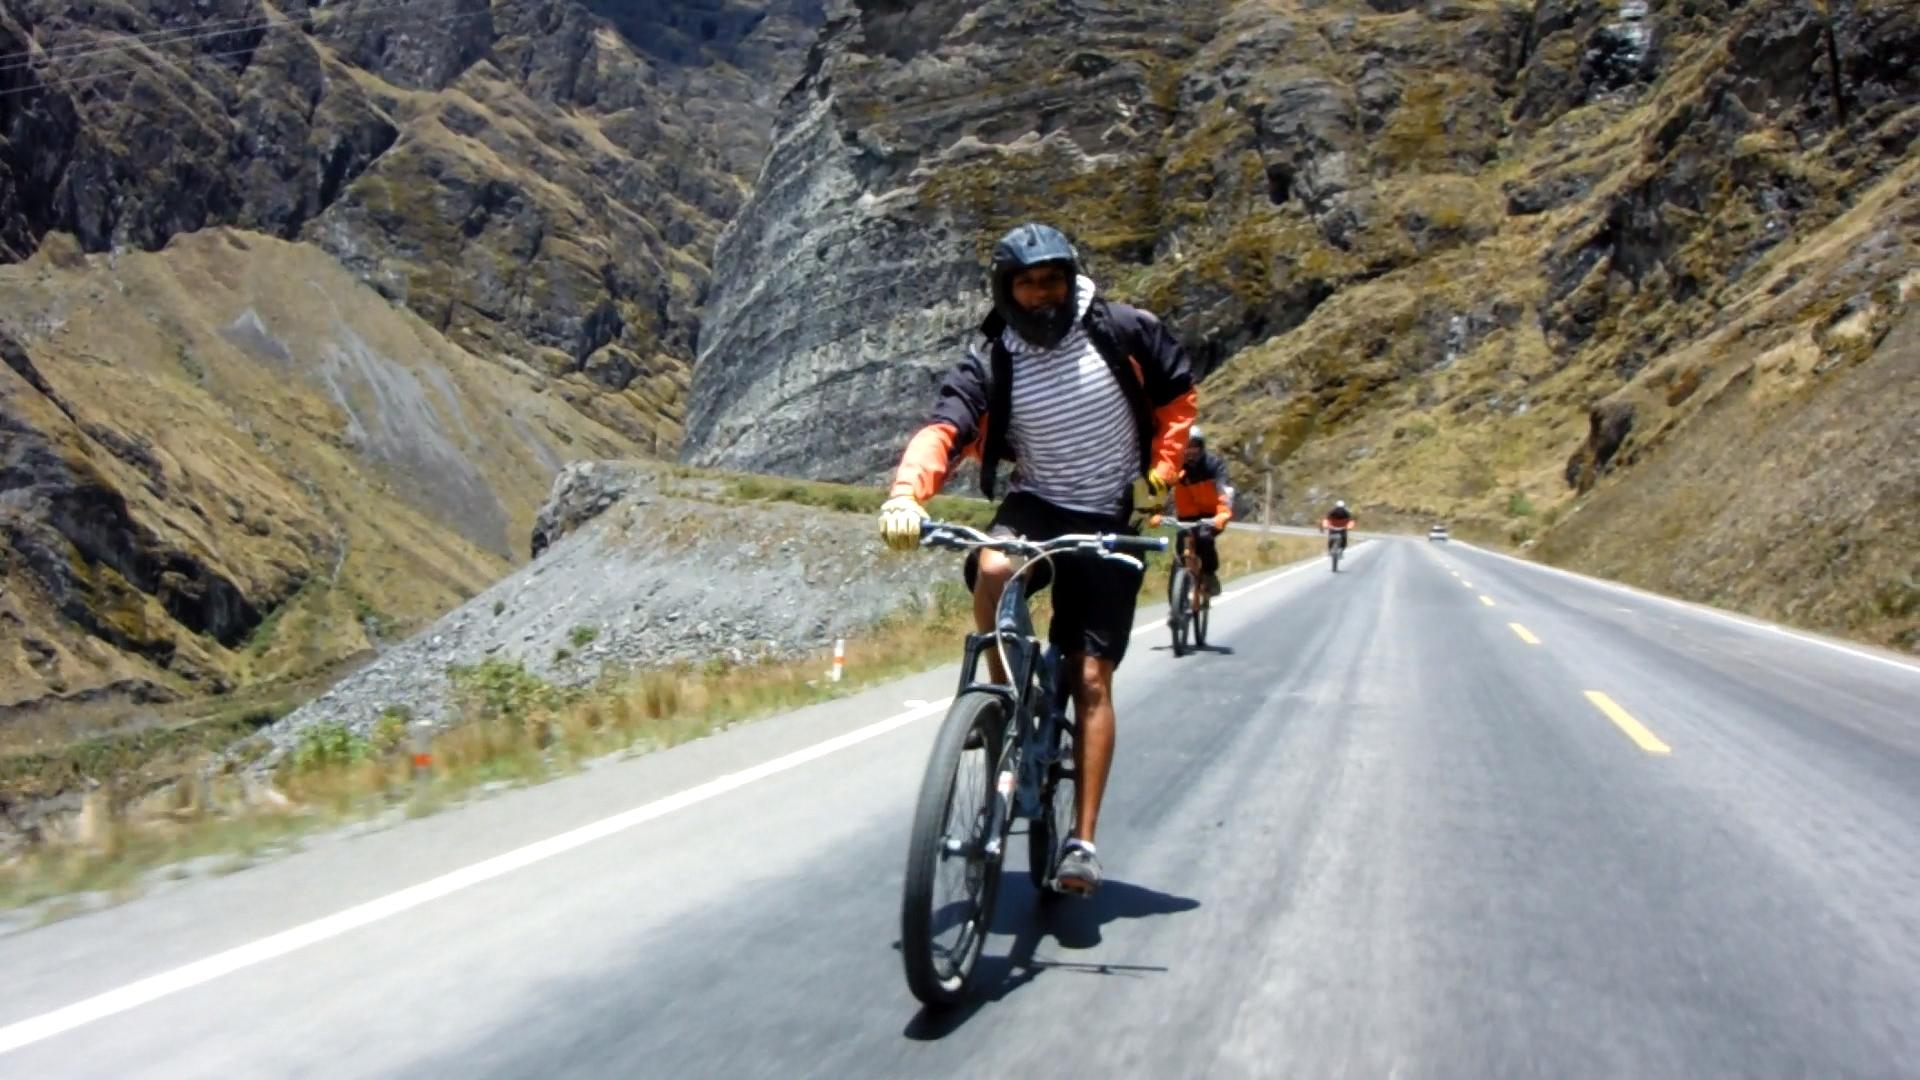 Videotagebuch Boliviens Todesstraße - Fahrt in den Abgrund: Radfahrer auf einer asphaltierten Straße auf dem Weg nach unten